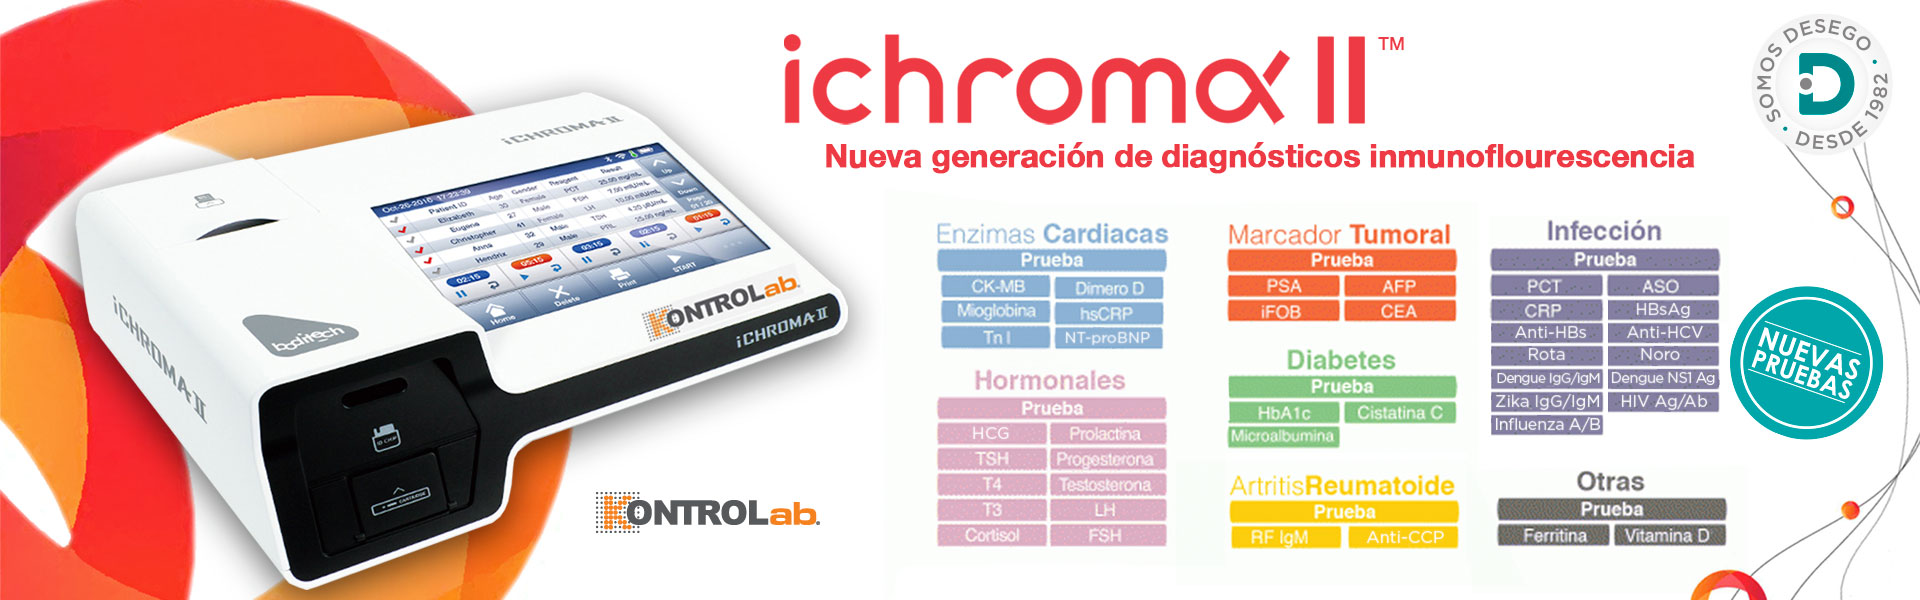 ichromax